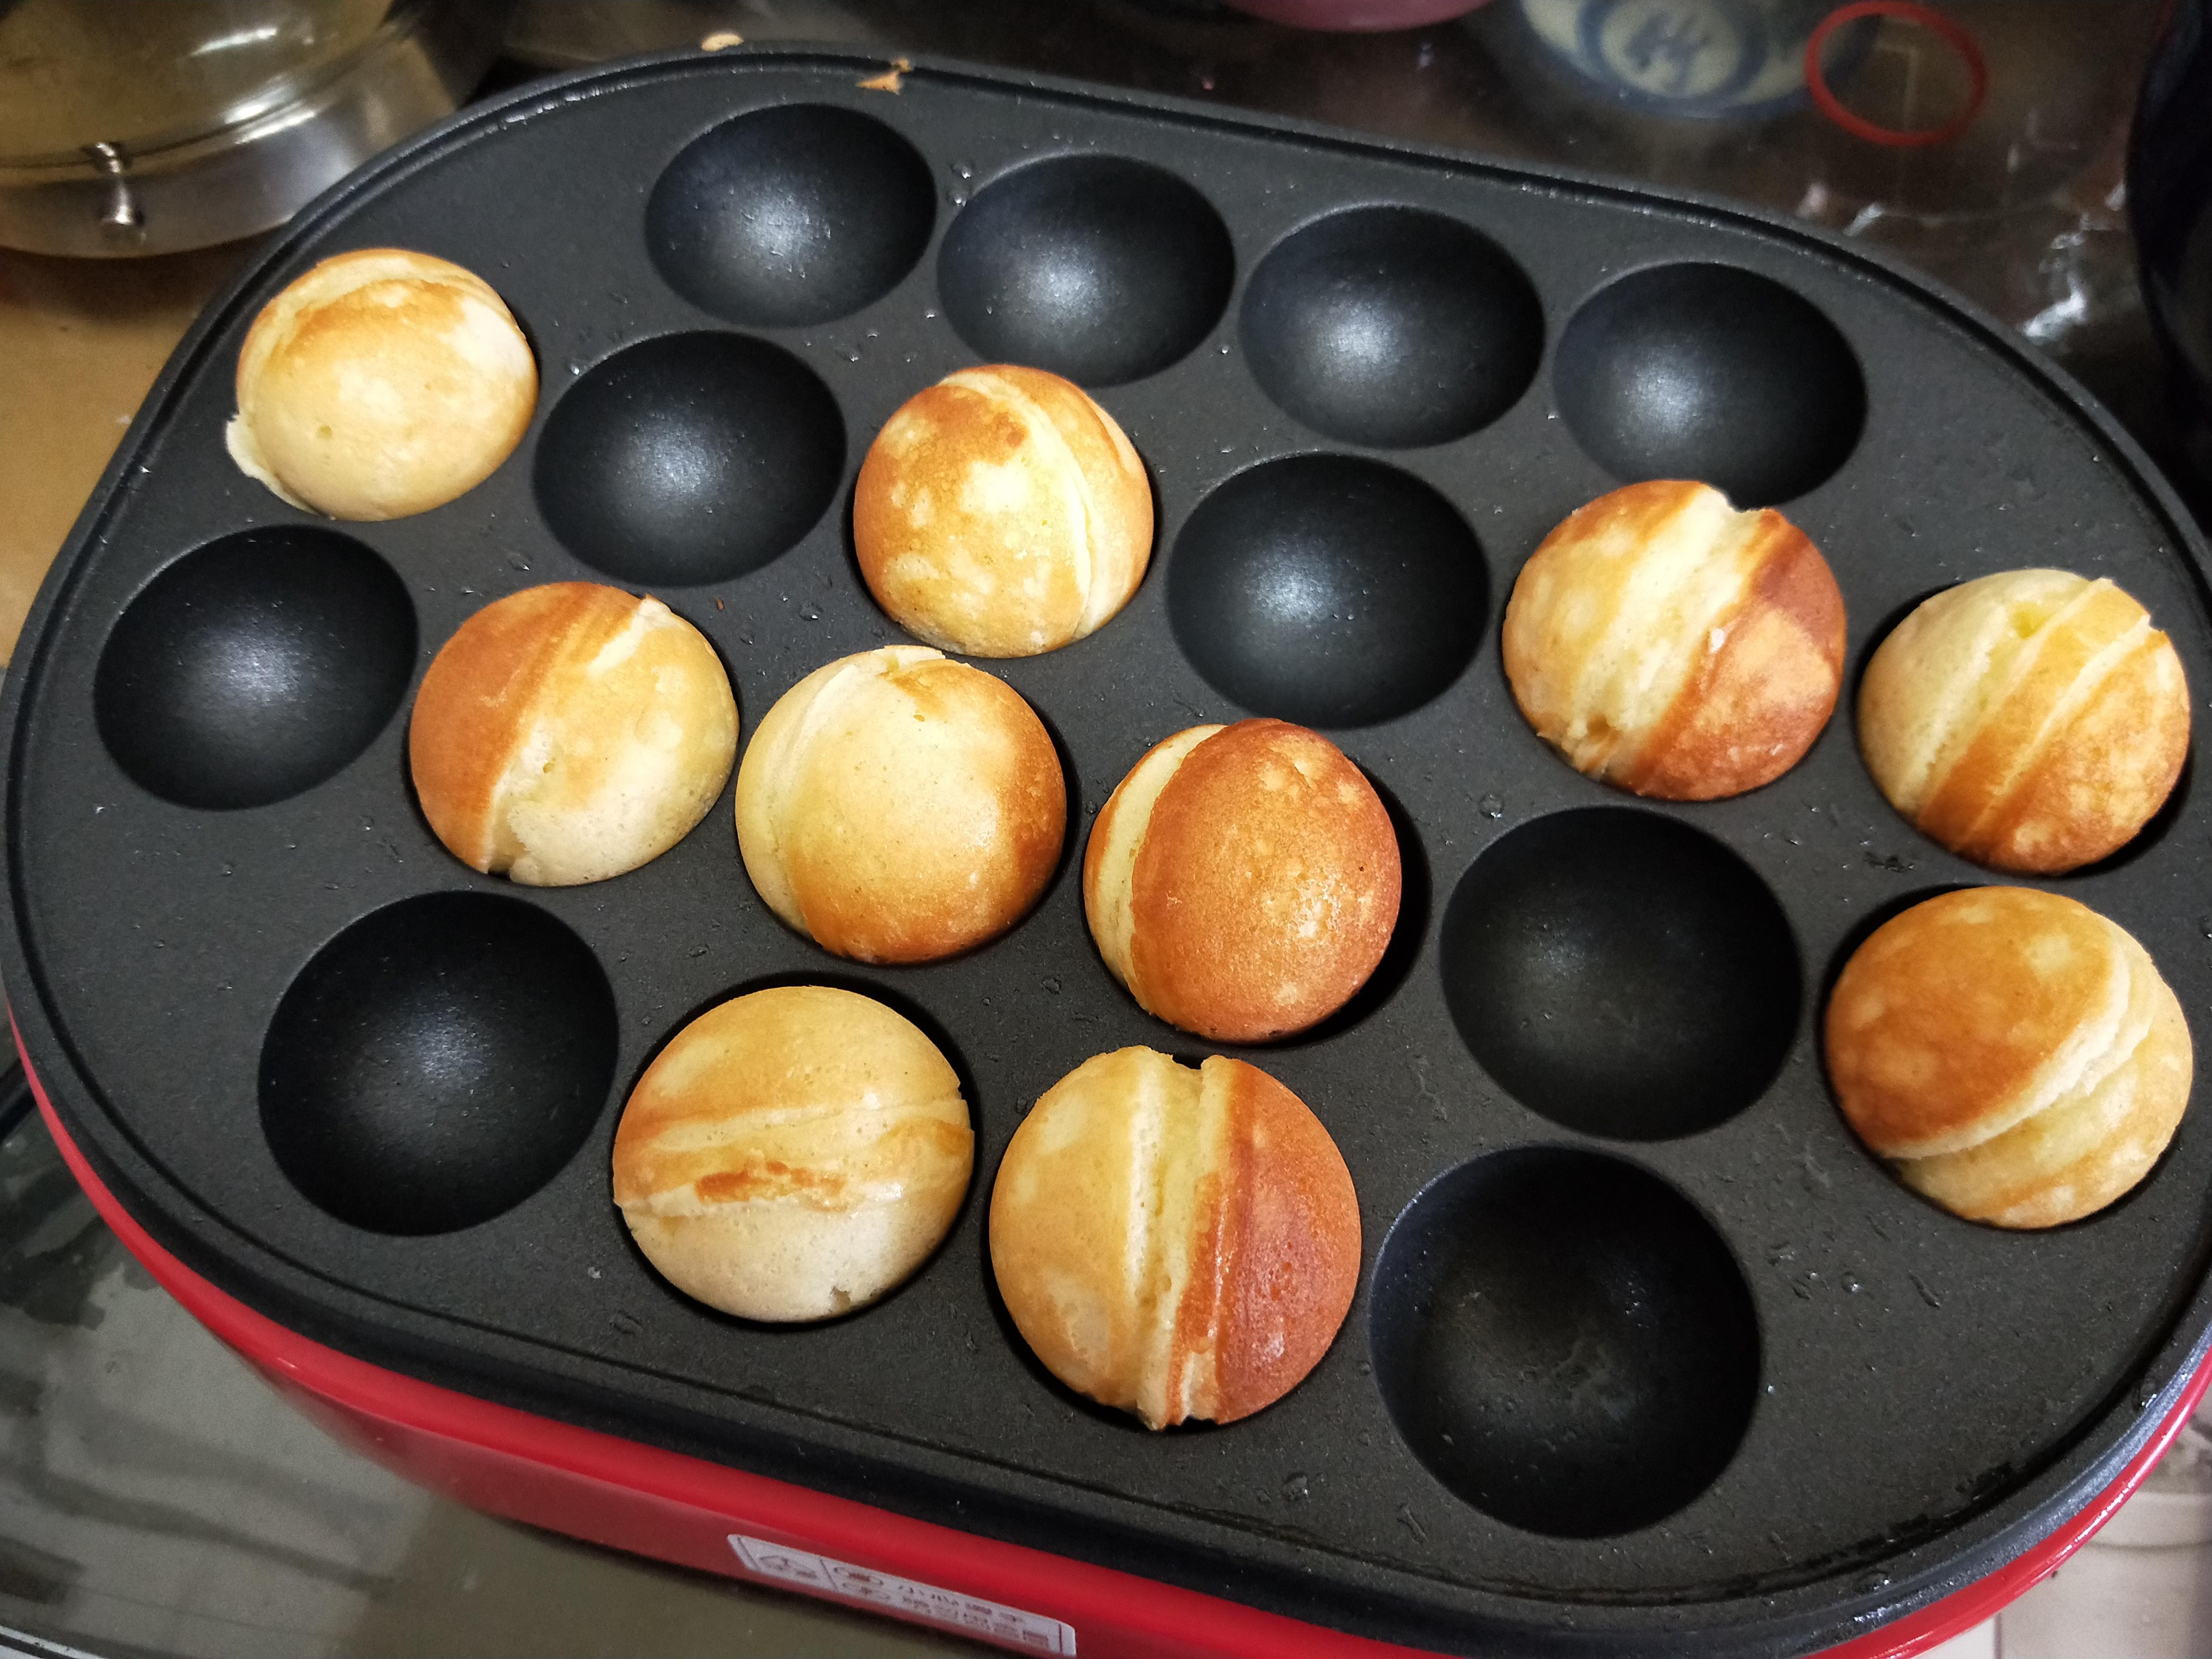 棒棒糖蛋糕 by 章魚燒機